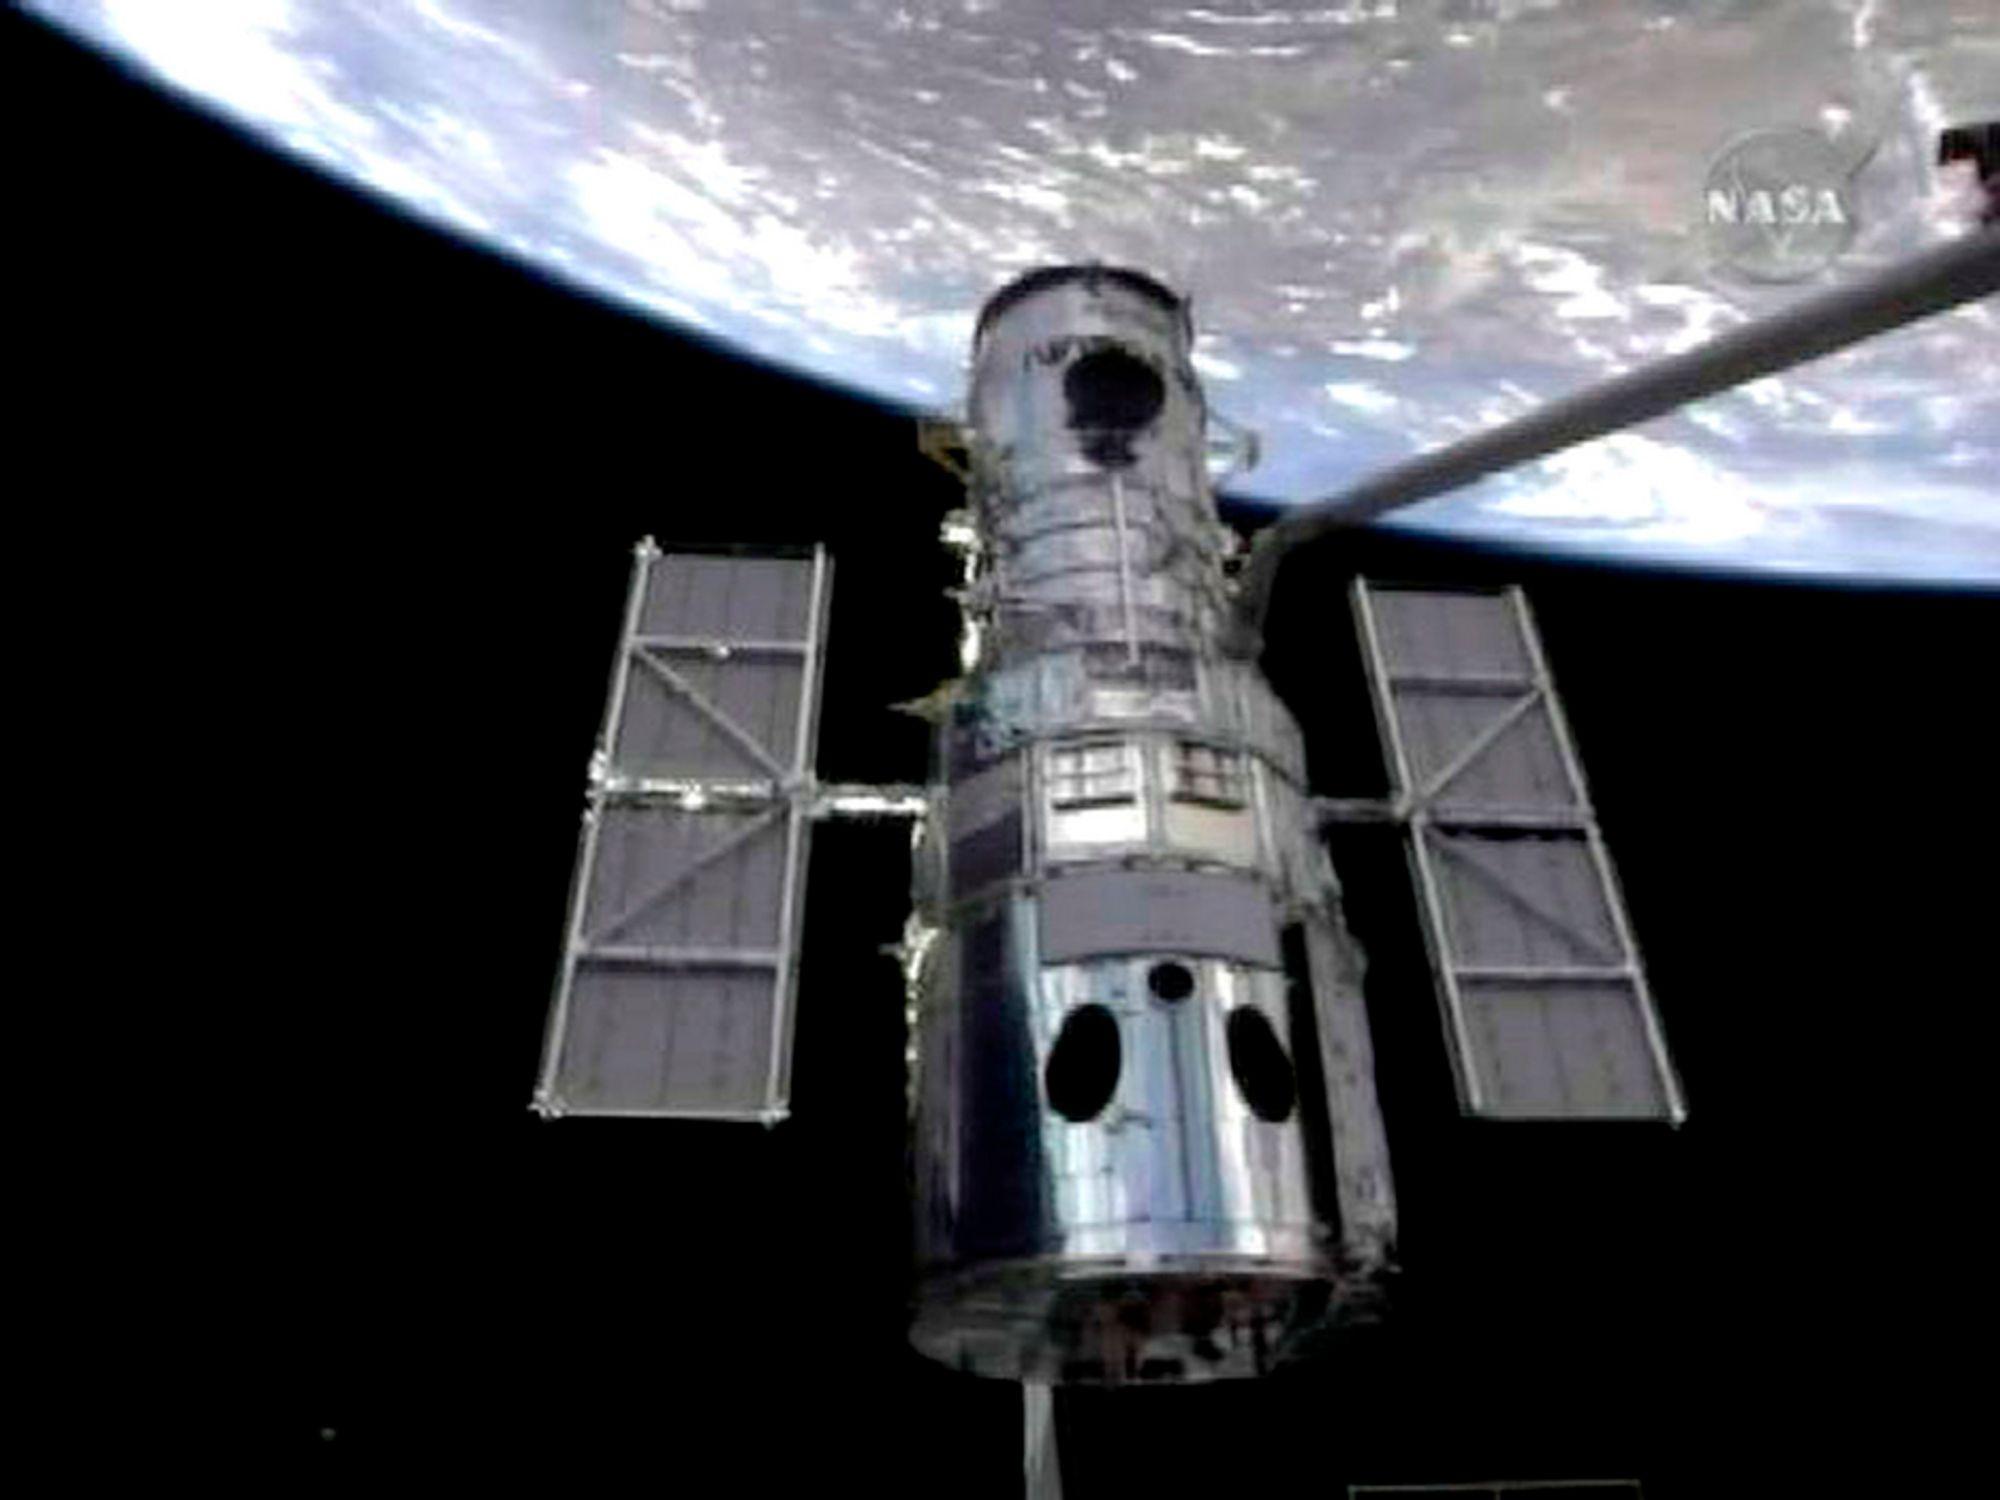 Robotarmen på romferja Atlantis grep onsdag om romteleskopet Hubble og trakk det med inn i romferjas lasterom for en omfattende overhaling.